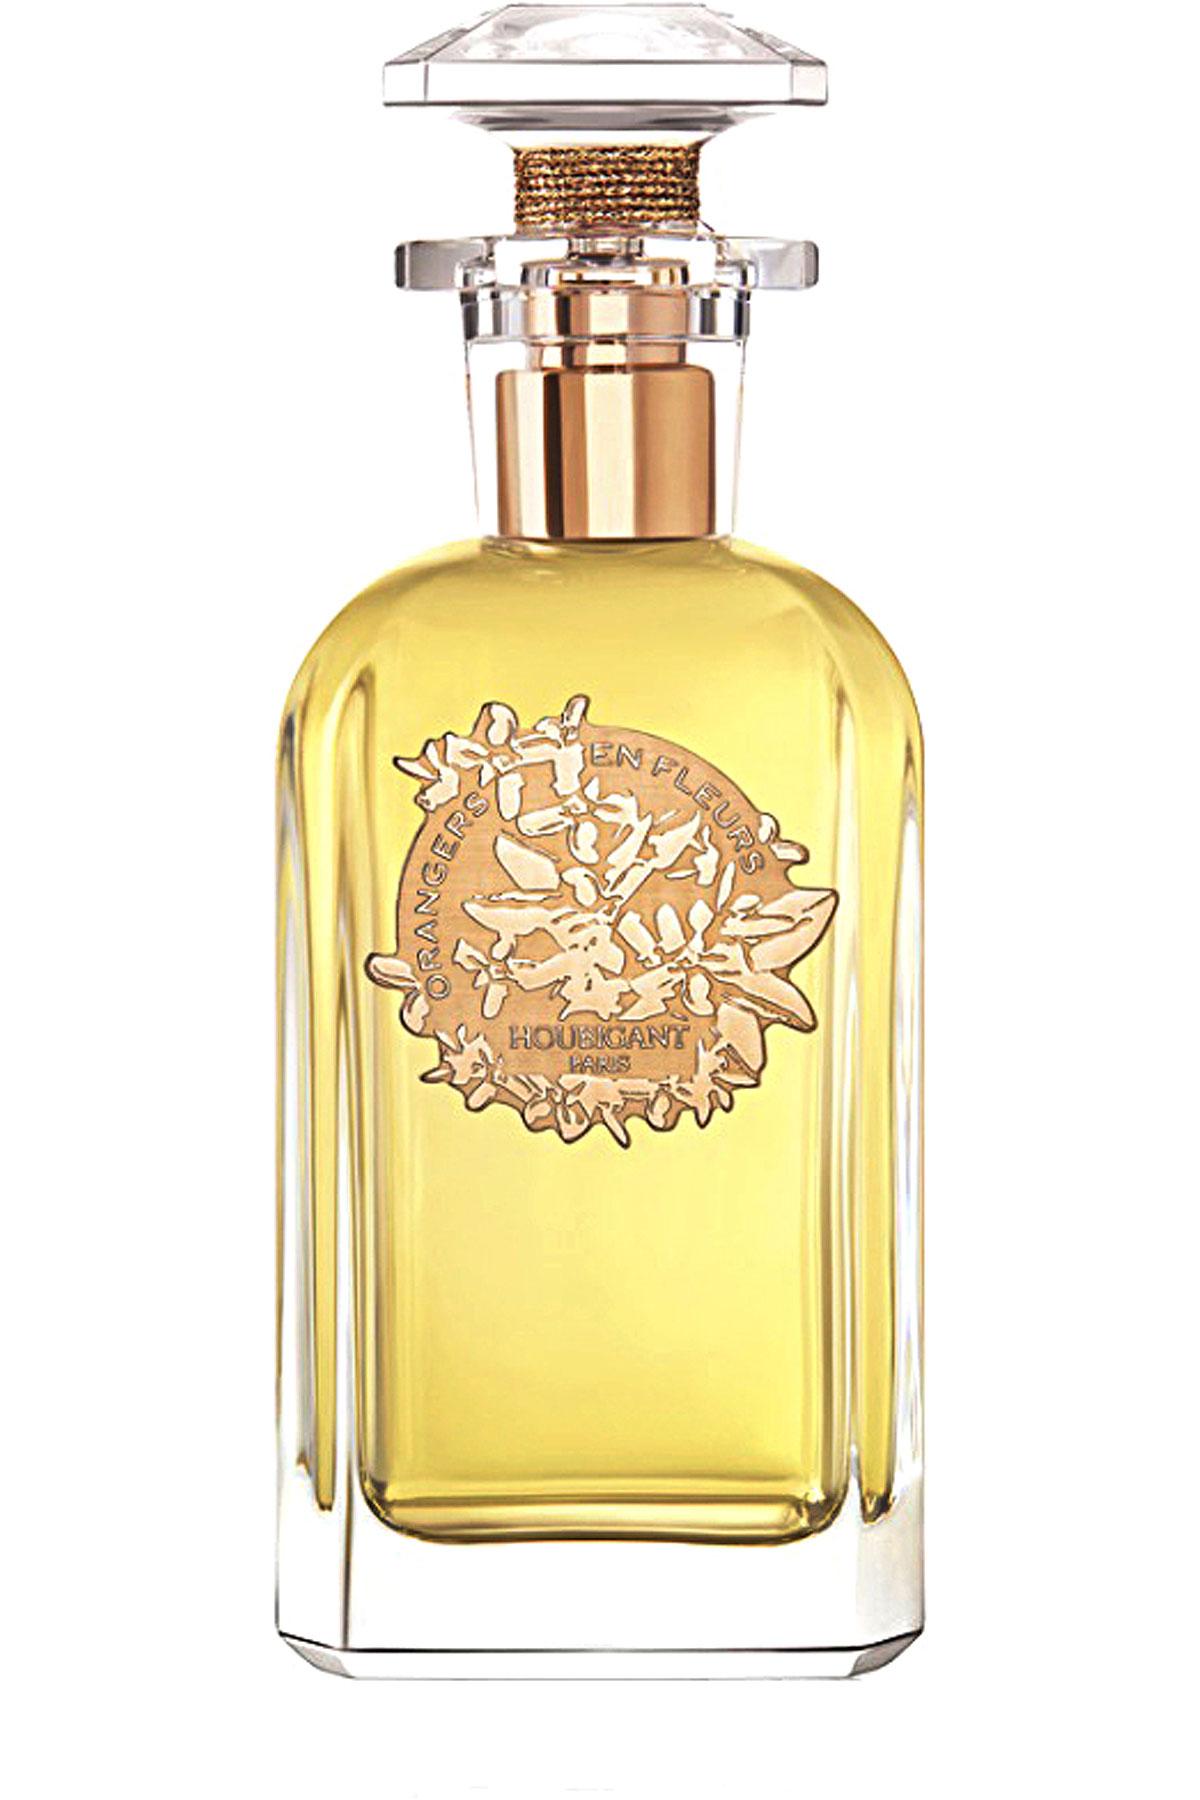 Houbigant Paris Fragrances for Women, Orangers En Fleurs - Extrait De Parfum - 100 Ml, 2019, 100 ml